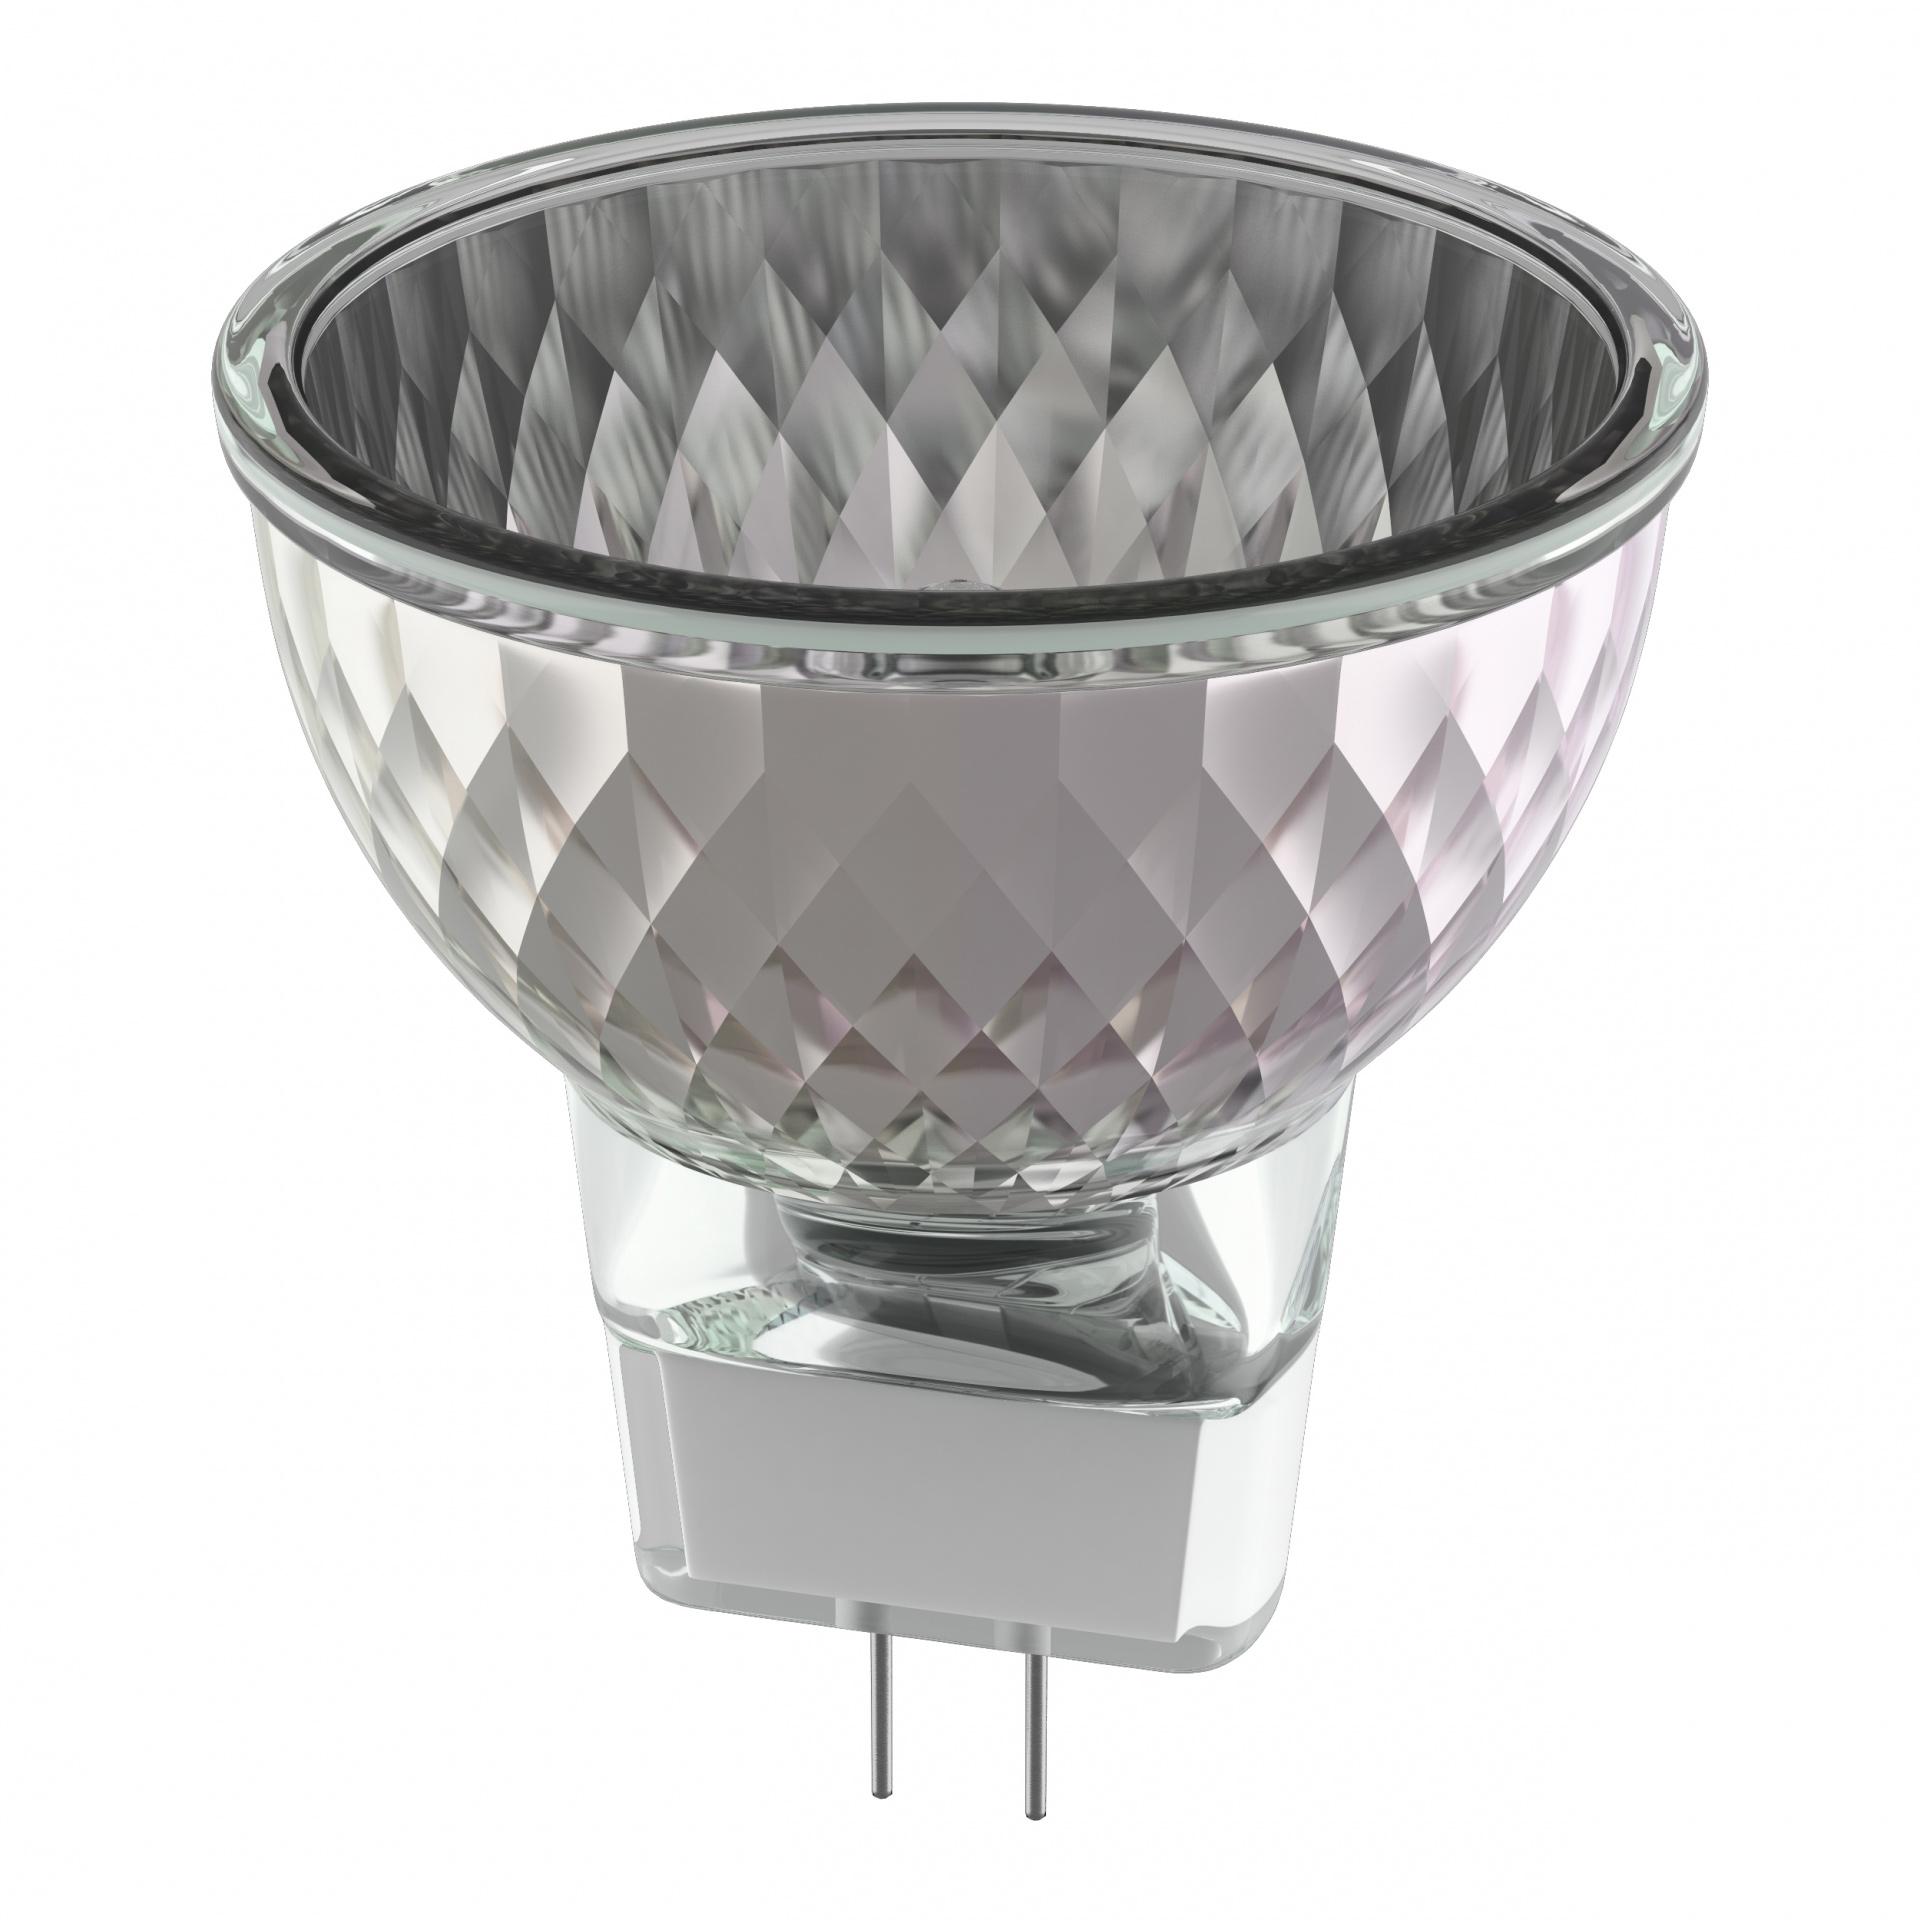 Лампа HAL 12V MR11 G4 50W 30G RA100 2800K 2000H DIMM Lightstar 921006, купить в СПб, Москве, с доставкой, Санкт-Петербург, интернет-магазин люстр и светильников Starlight, фото в жизни